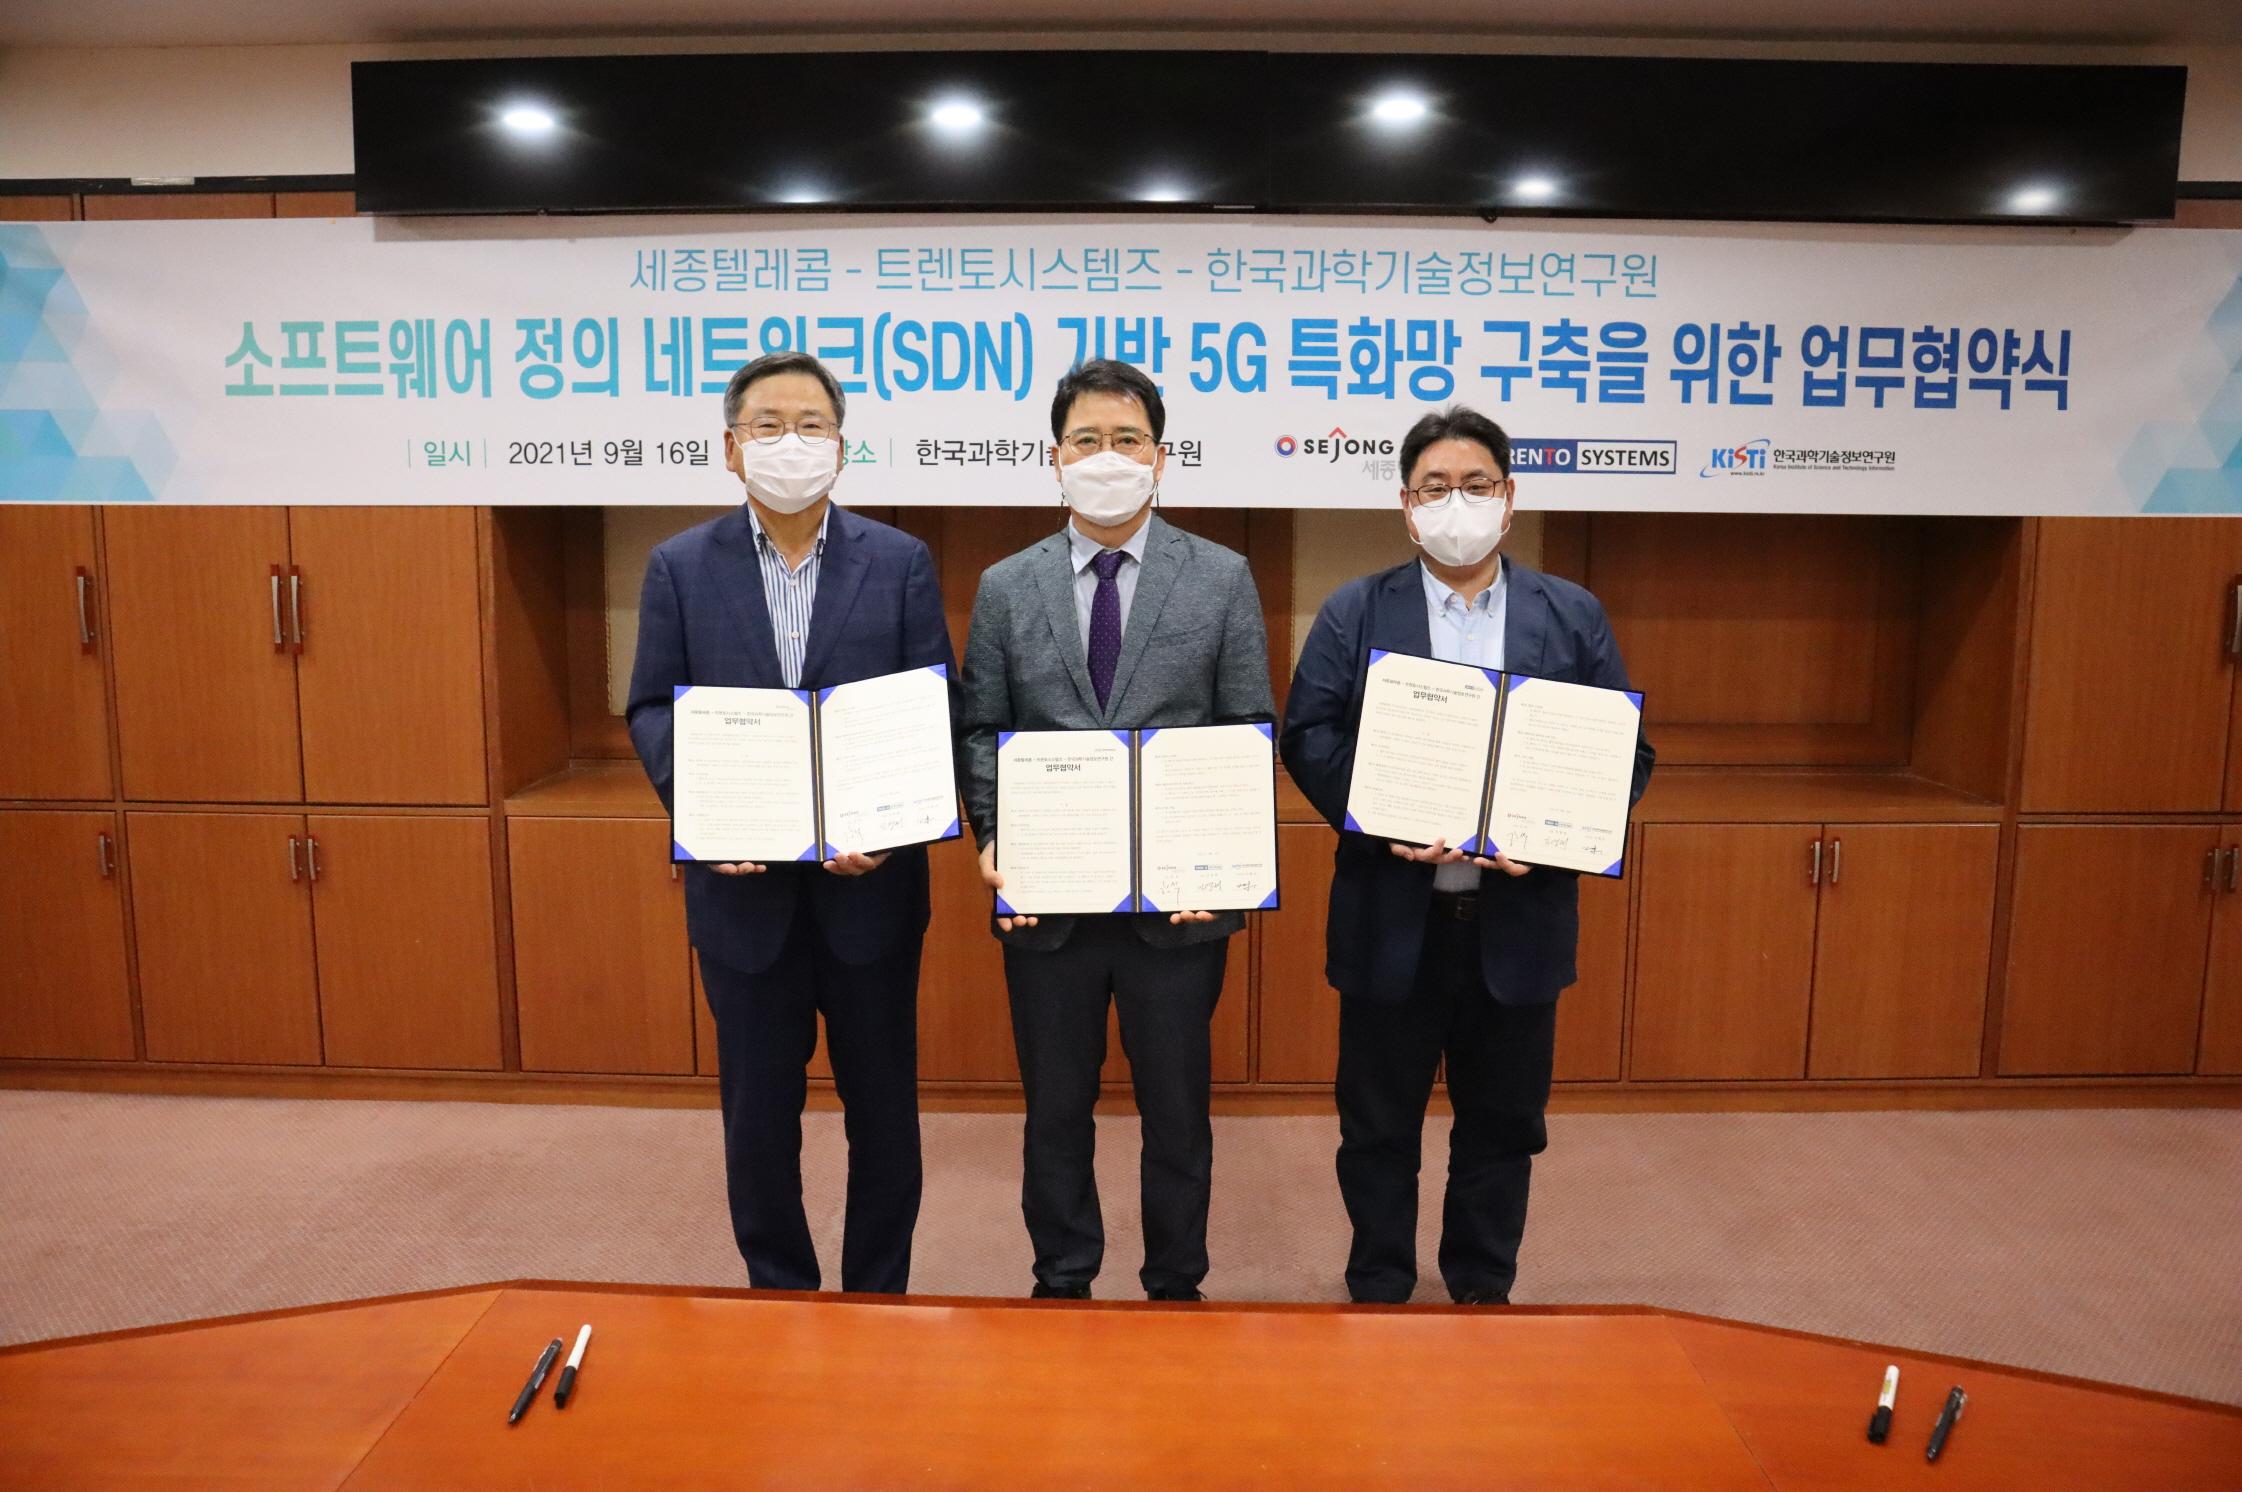 KISTI, 연구소기업 및 산업체와 5G 특화망 구축 개발 협력